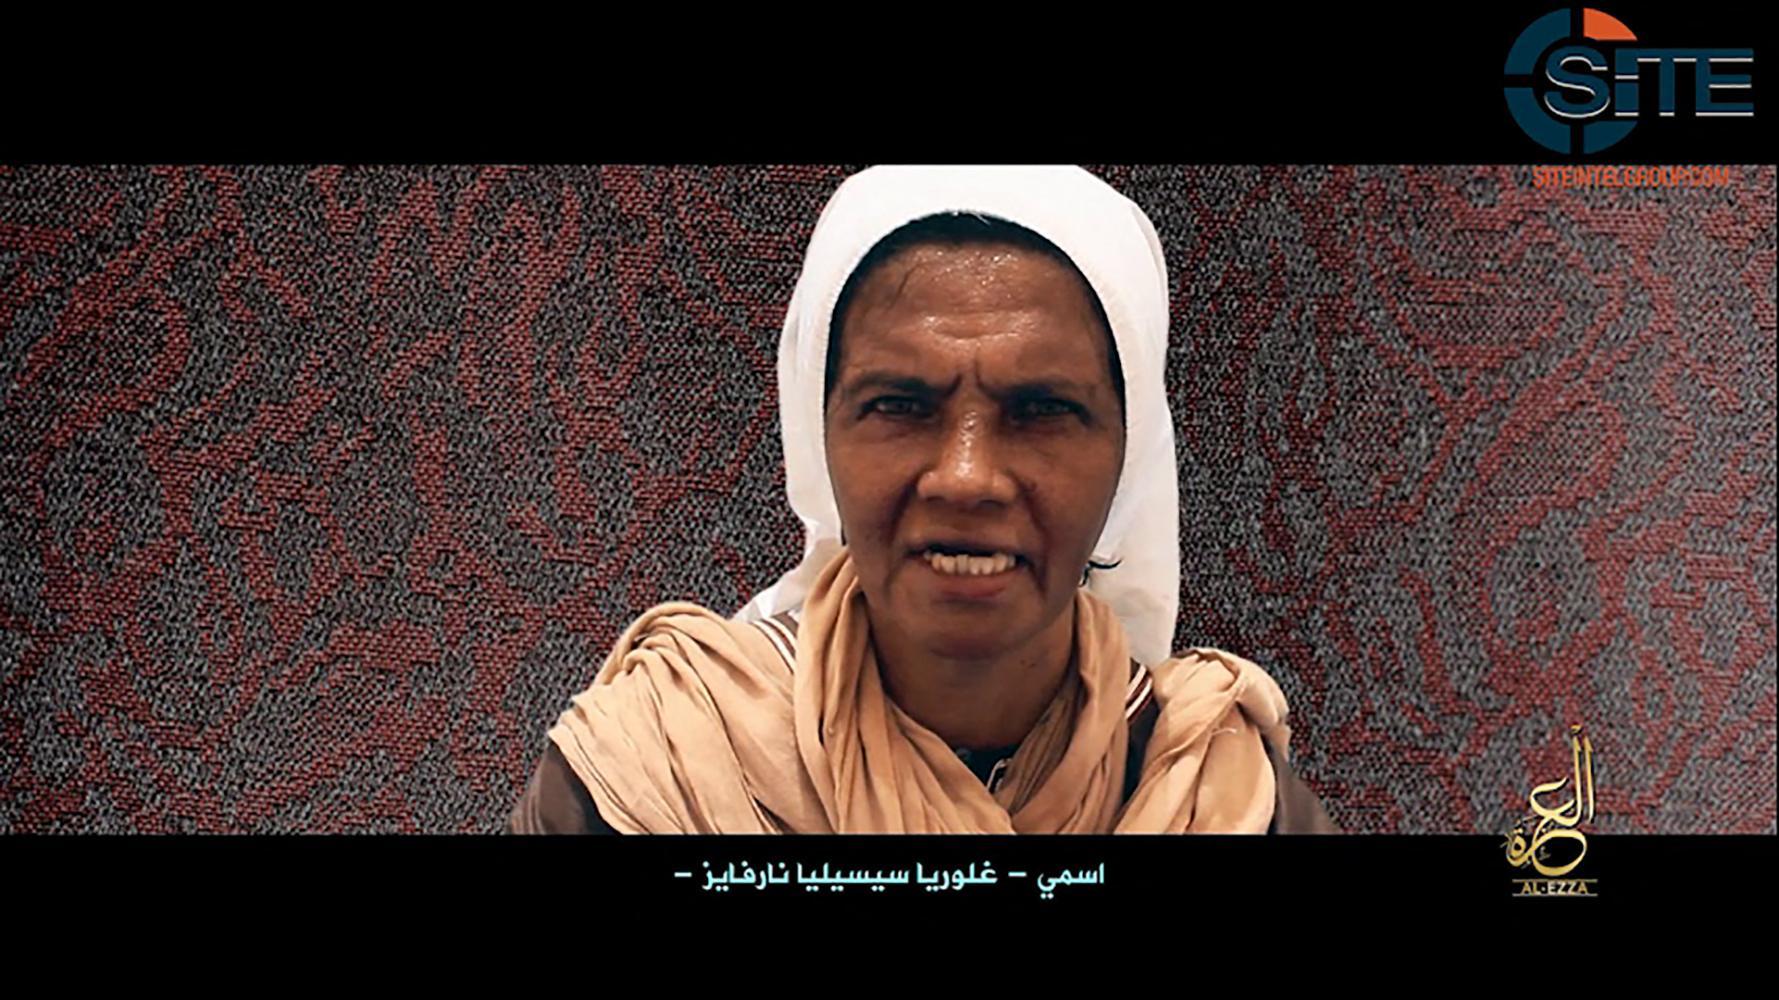 Au Mali, libération de la religieuse colombienne Gloria Cecilia Narvaez enlevée en 2017 thumbnail